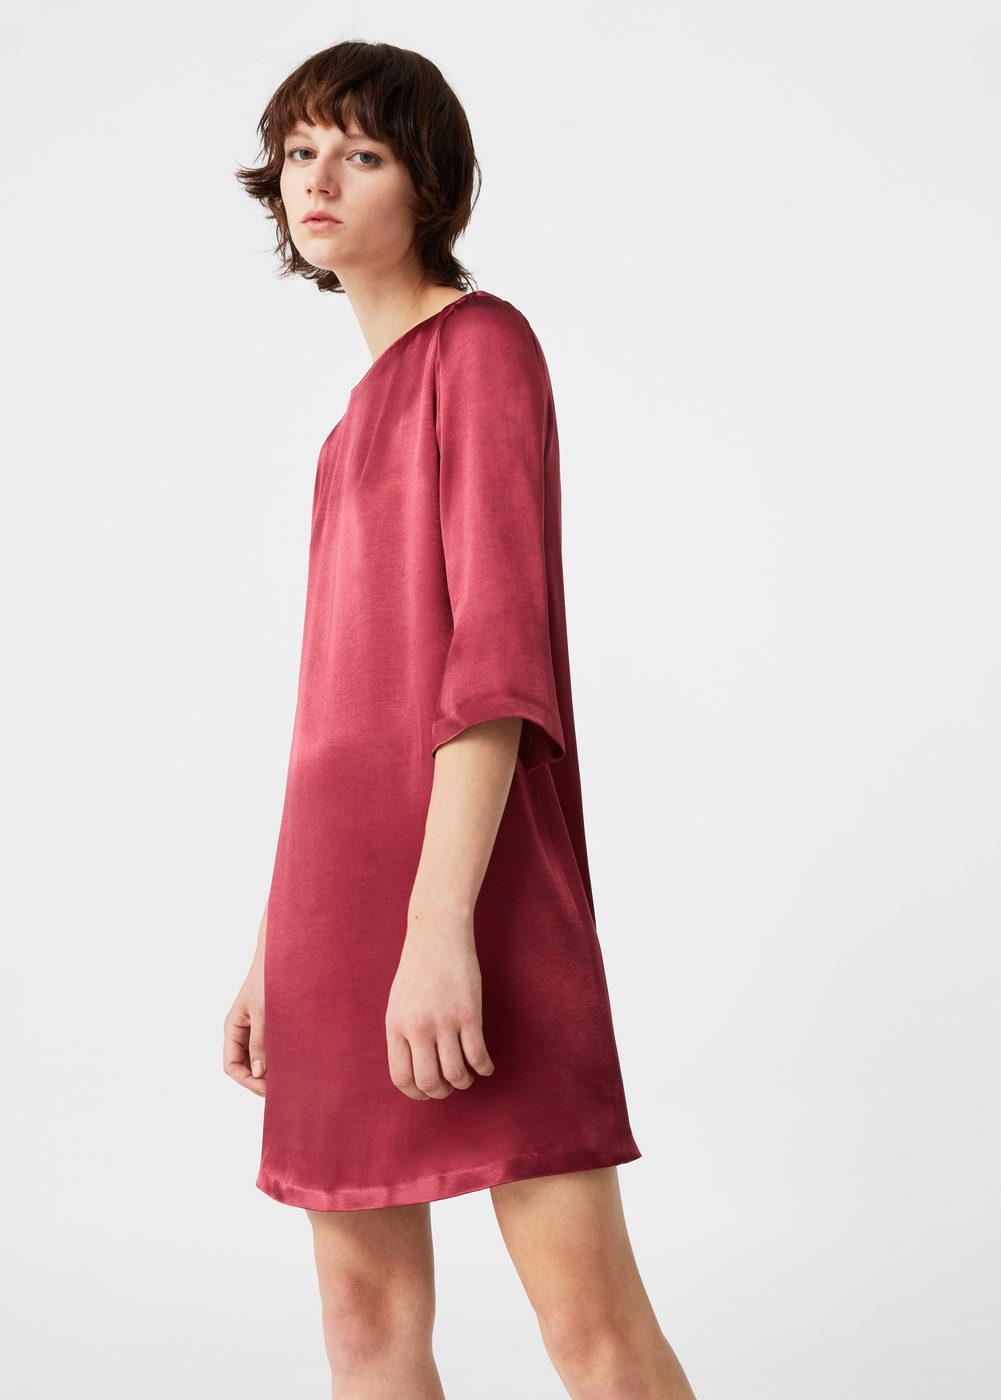 Flowy Dress from Mango, PHP 2,295